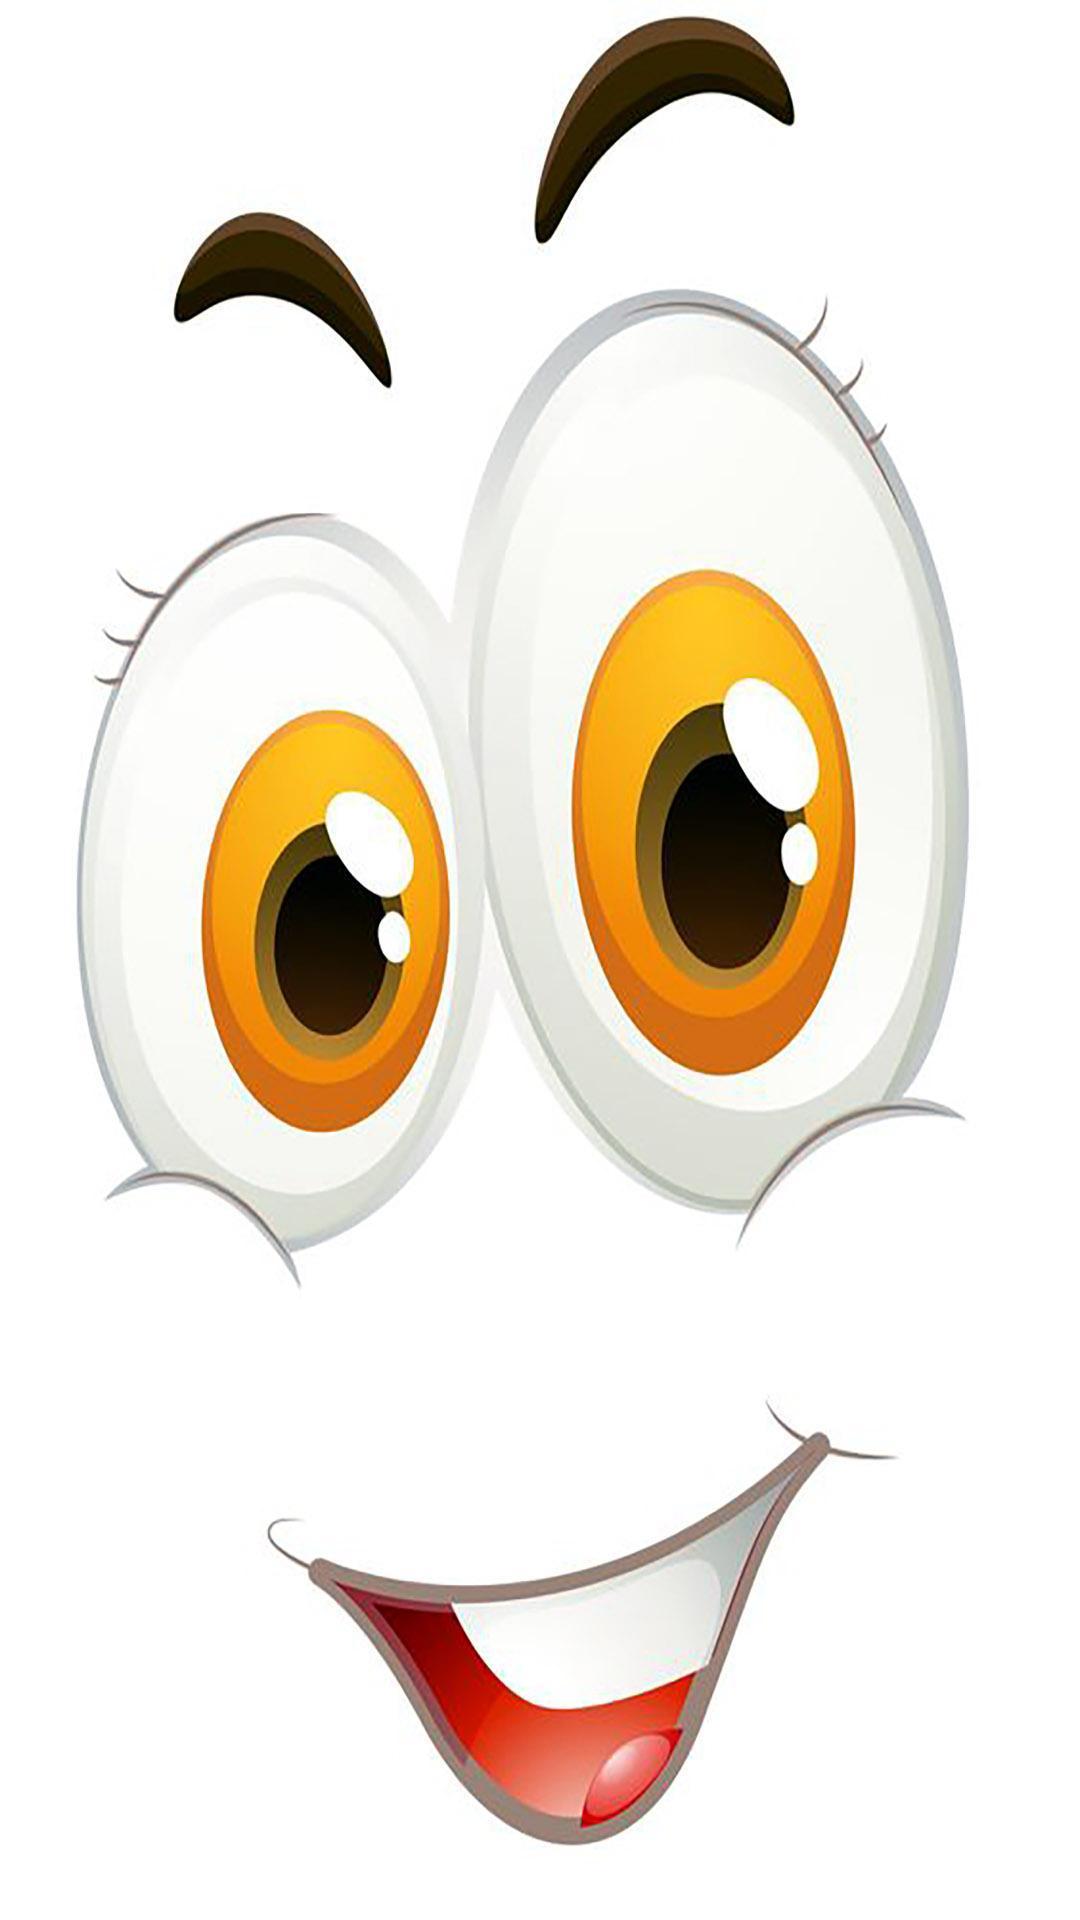 Emojis 4K Wallpapers - Top Free Emojis 4K Backgrounds ...